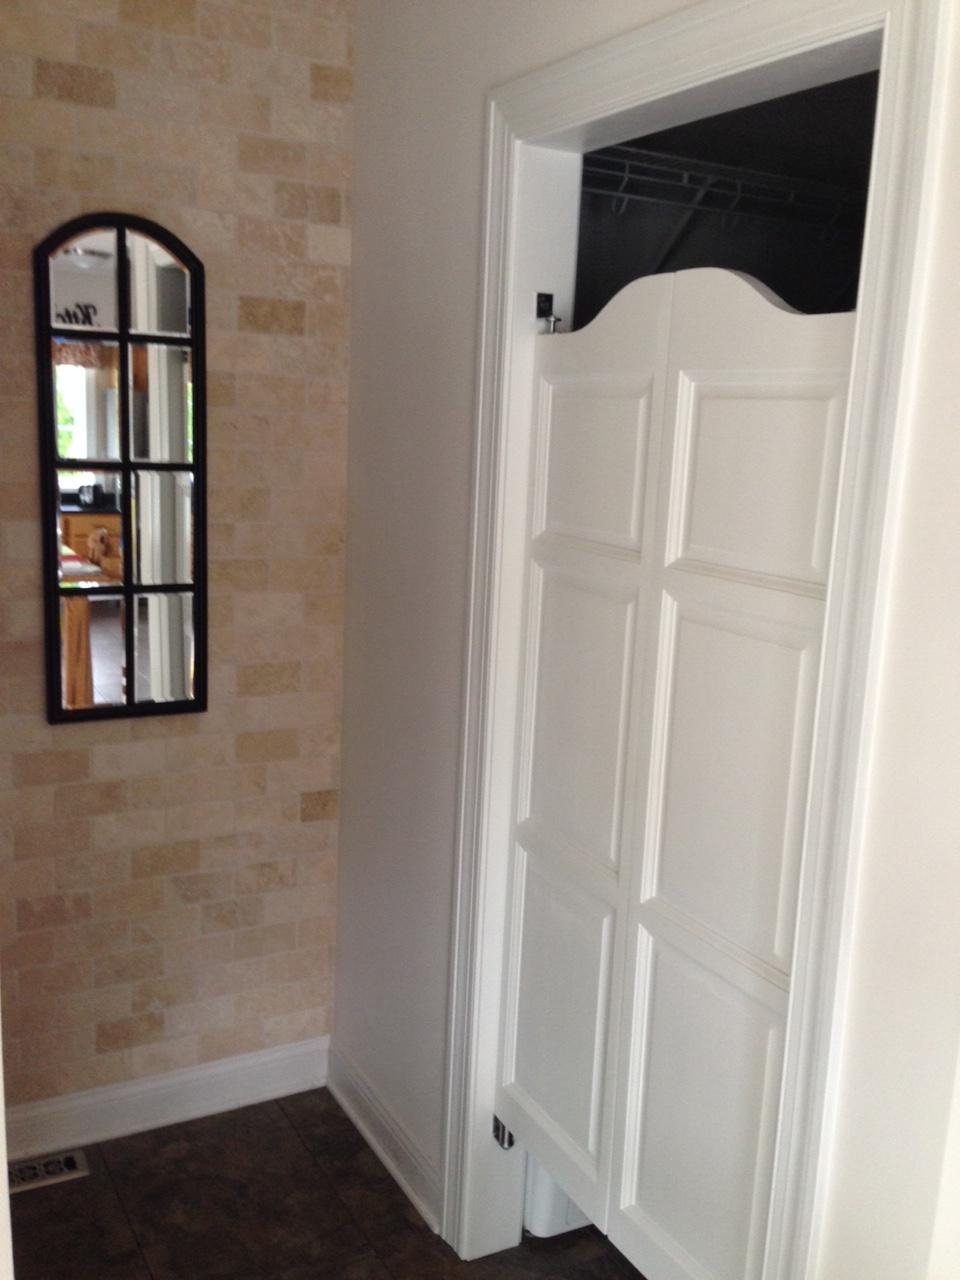 Cowboy doors white kitchen saloon doors - Cafe swinging doors kitchen ...